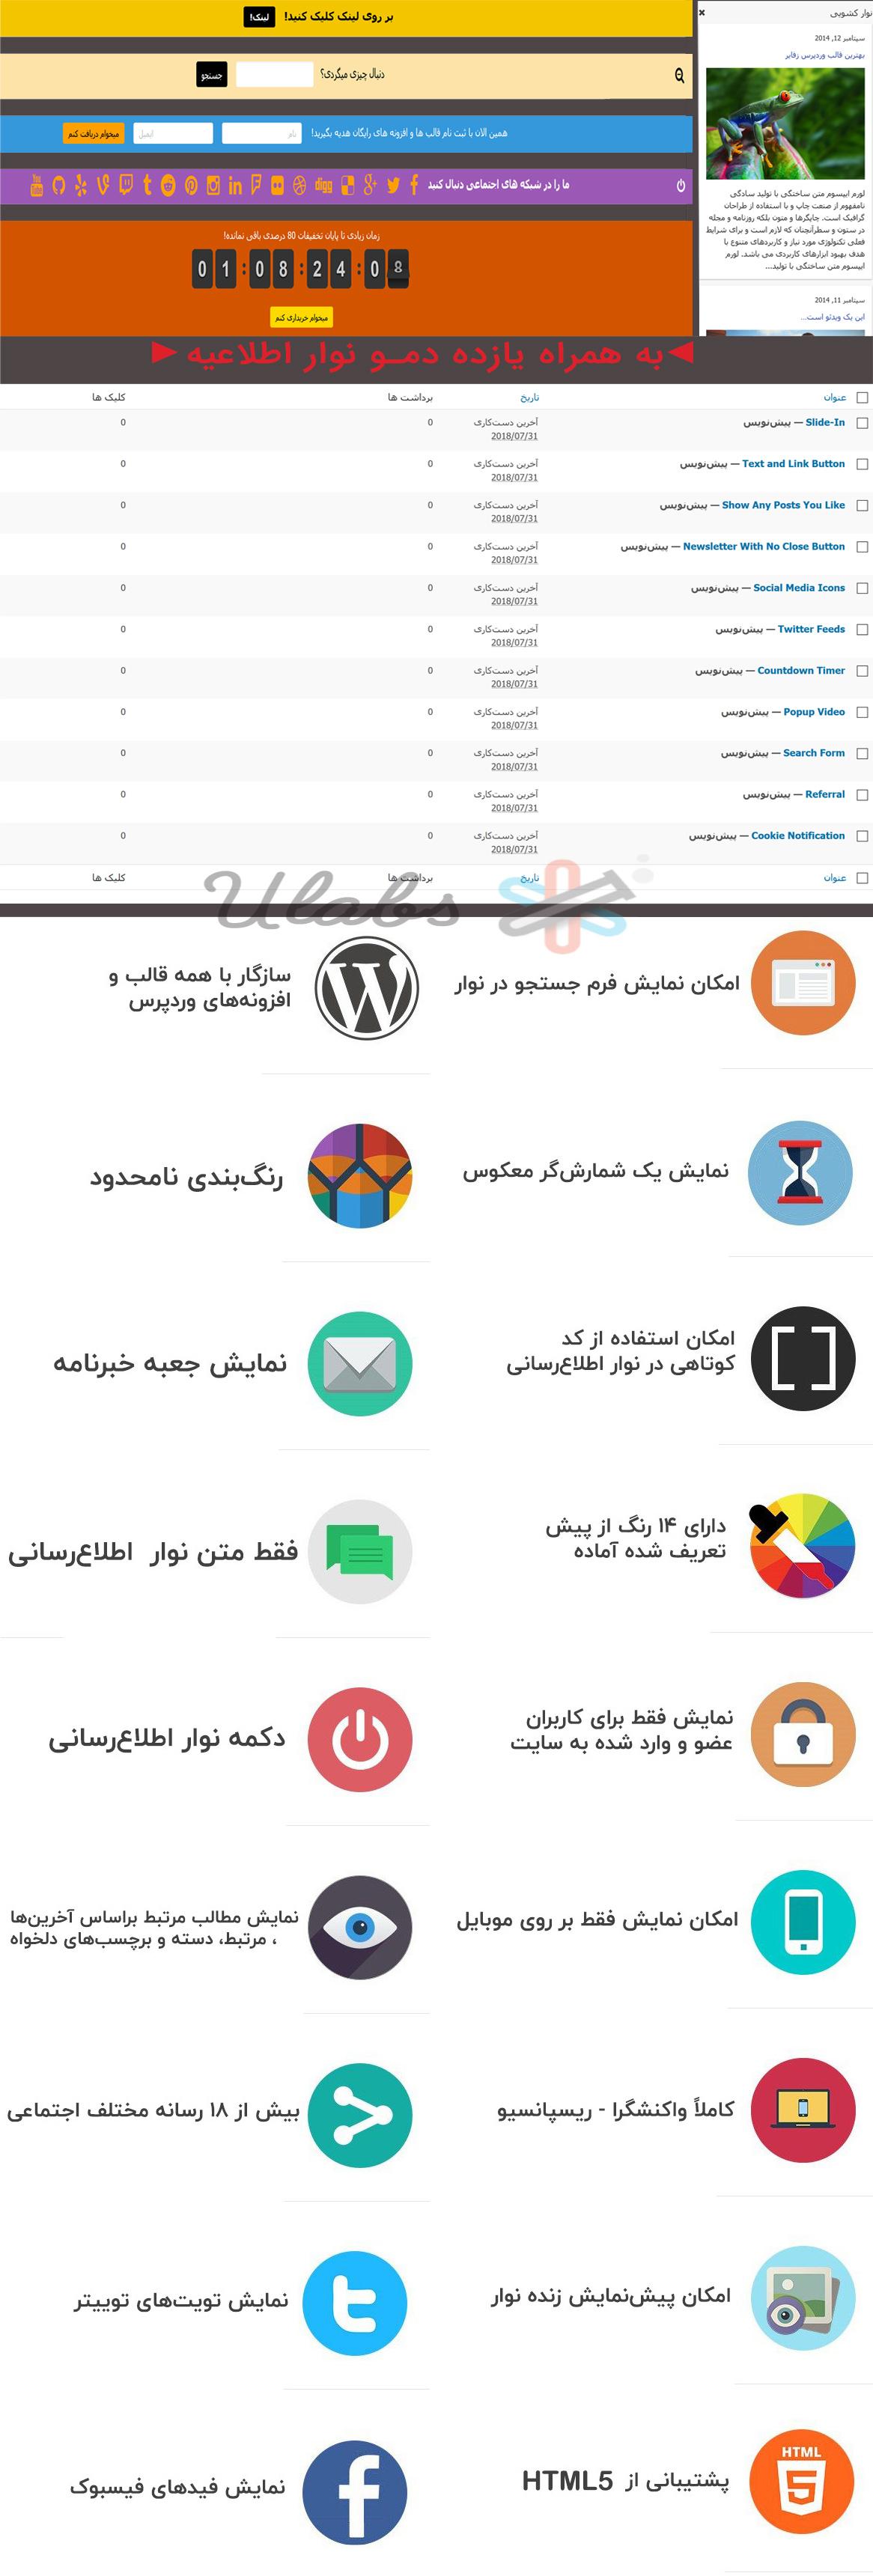 افزونه نوار اطلاعیه وردپرس | WP Notification Bar Pro 3